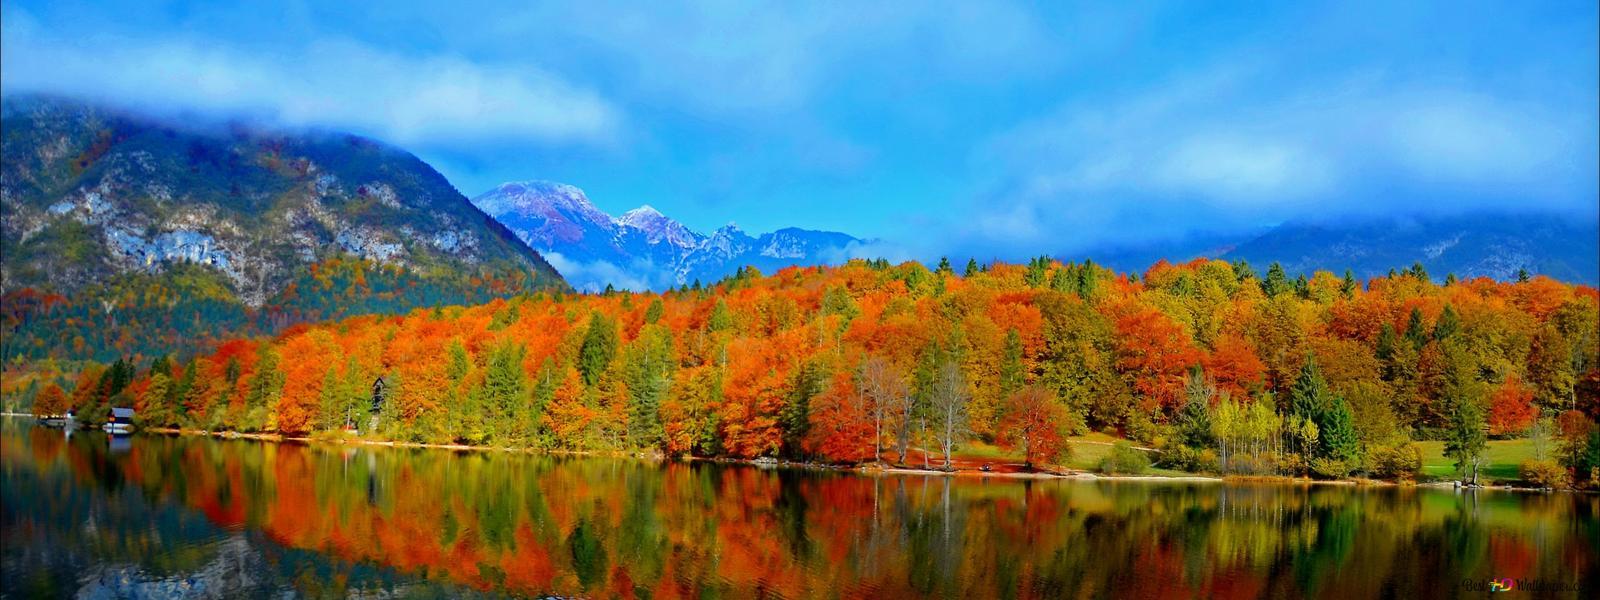 foto de forêt d'automne dans la montagne HD fond d'écran télécharger